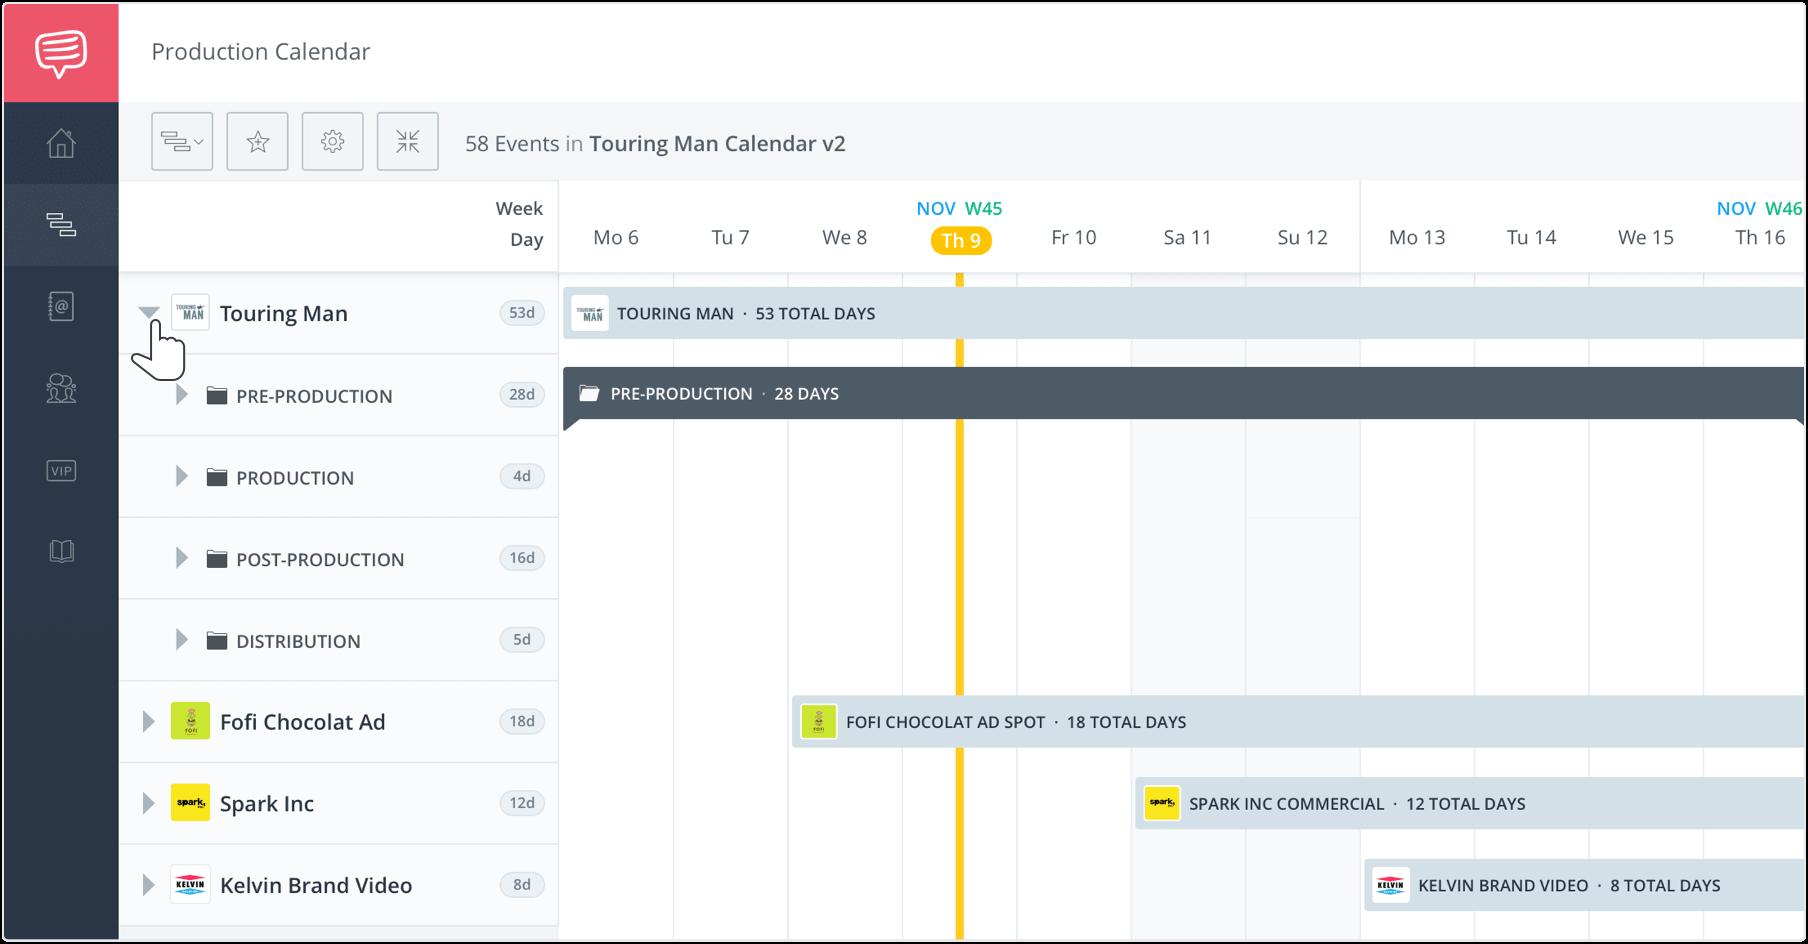 Studiobinder Production Calendar Software For Film Tv Video